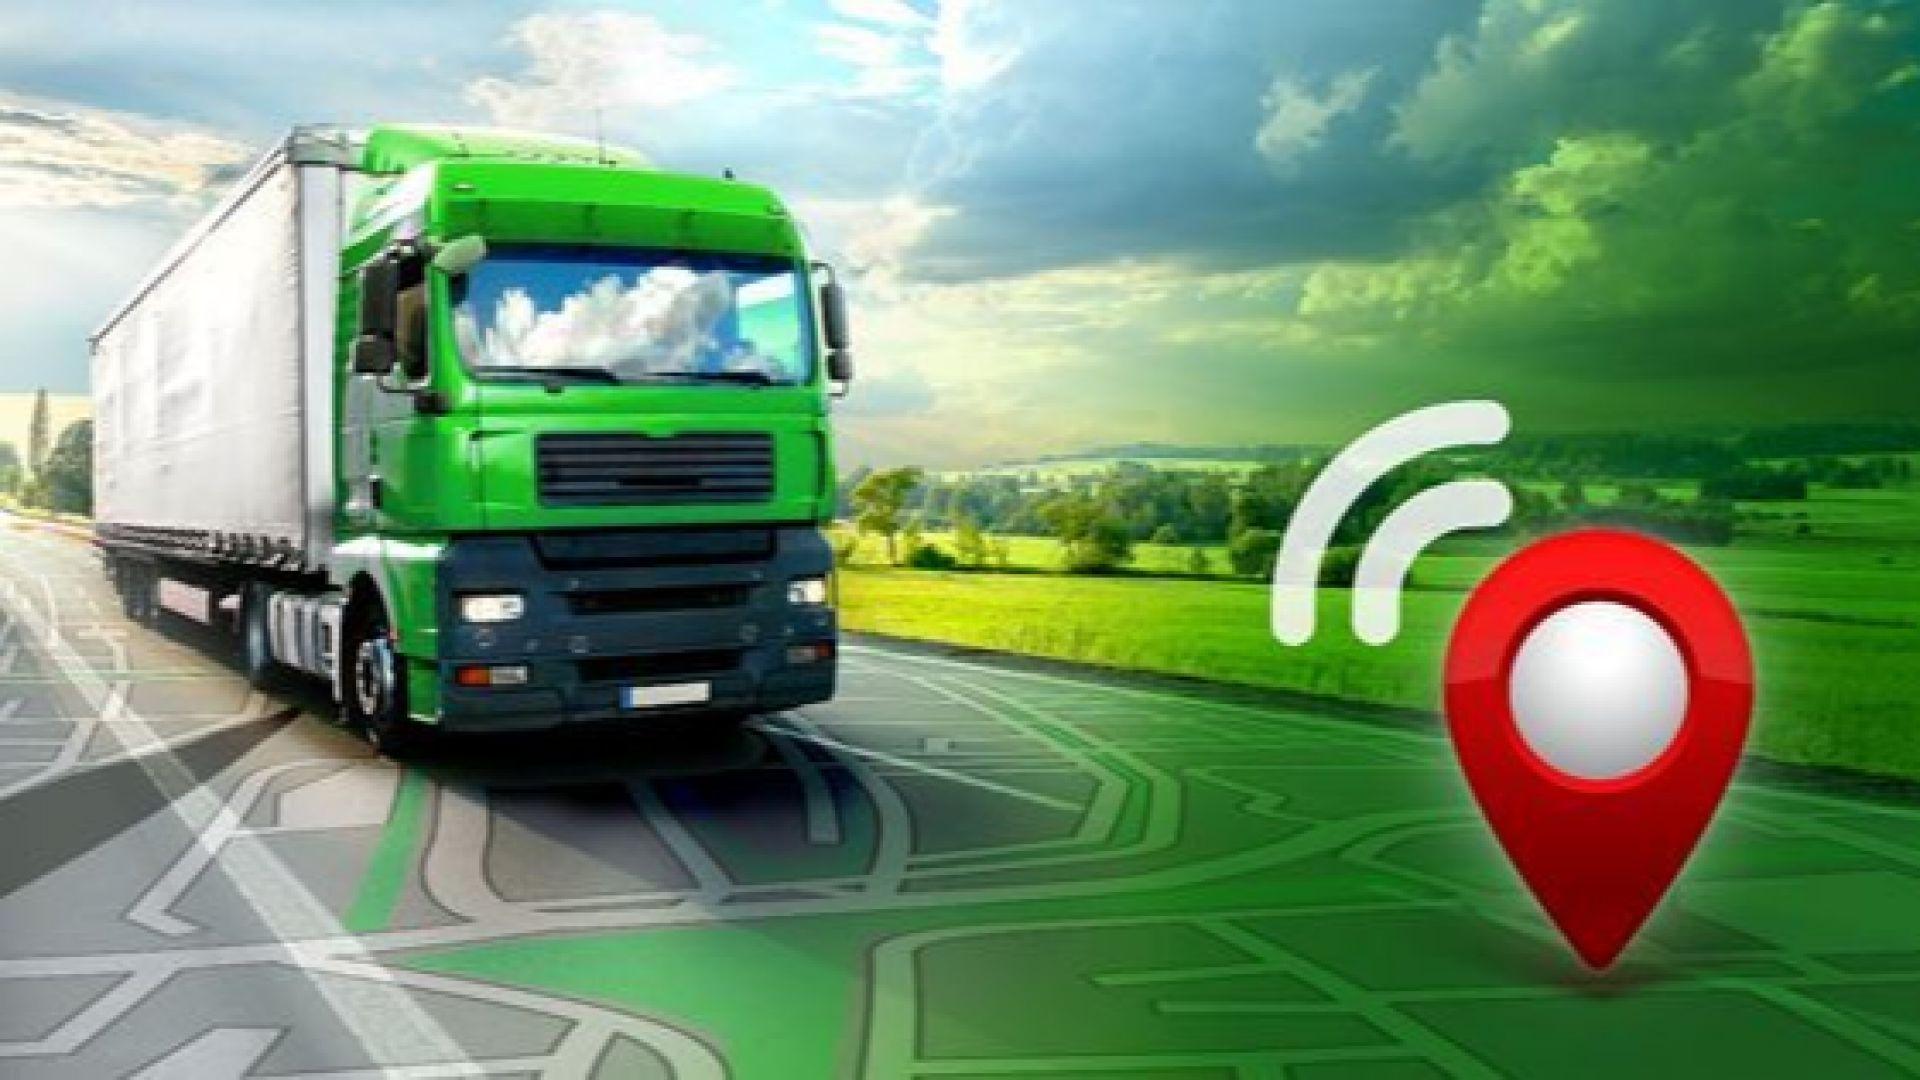 TollPass вече предлага услугата за автоматично отчитане на тол такси чрез GPS тракери